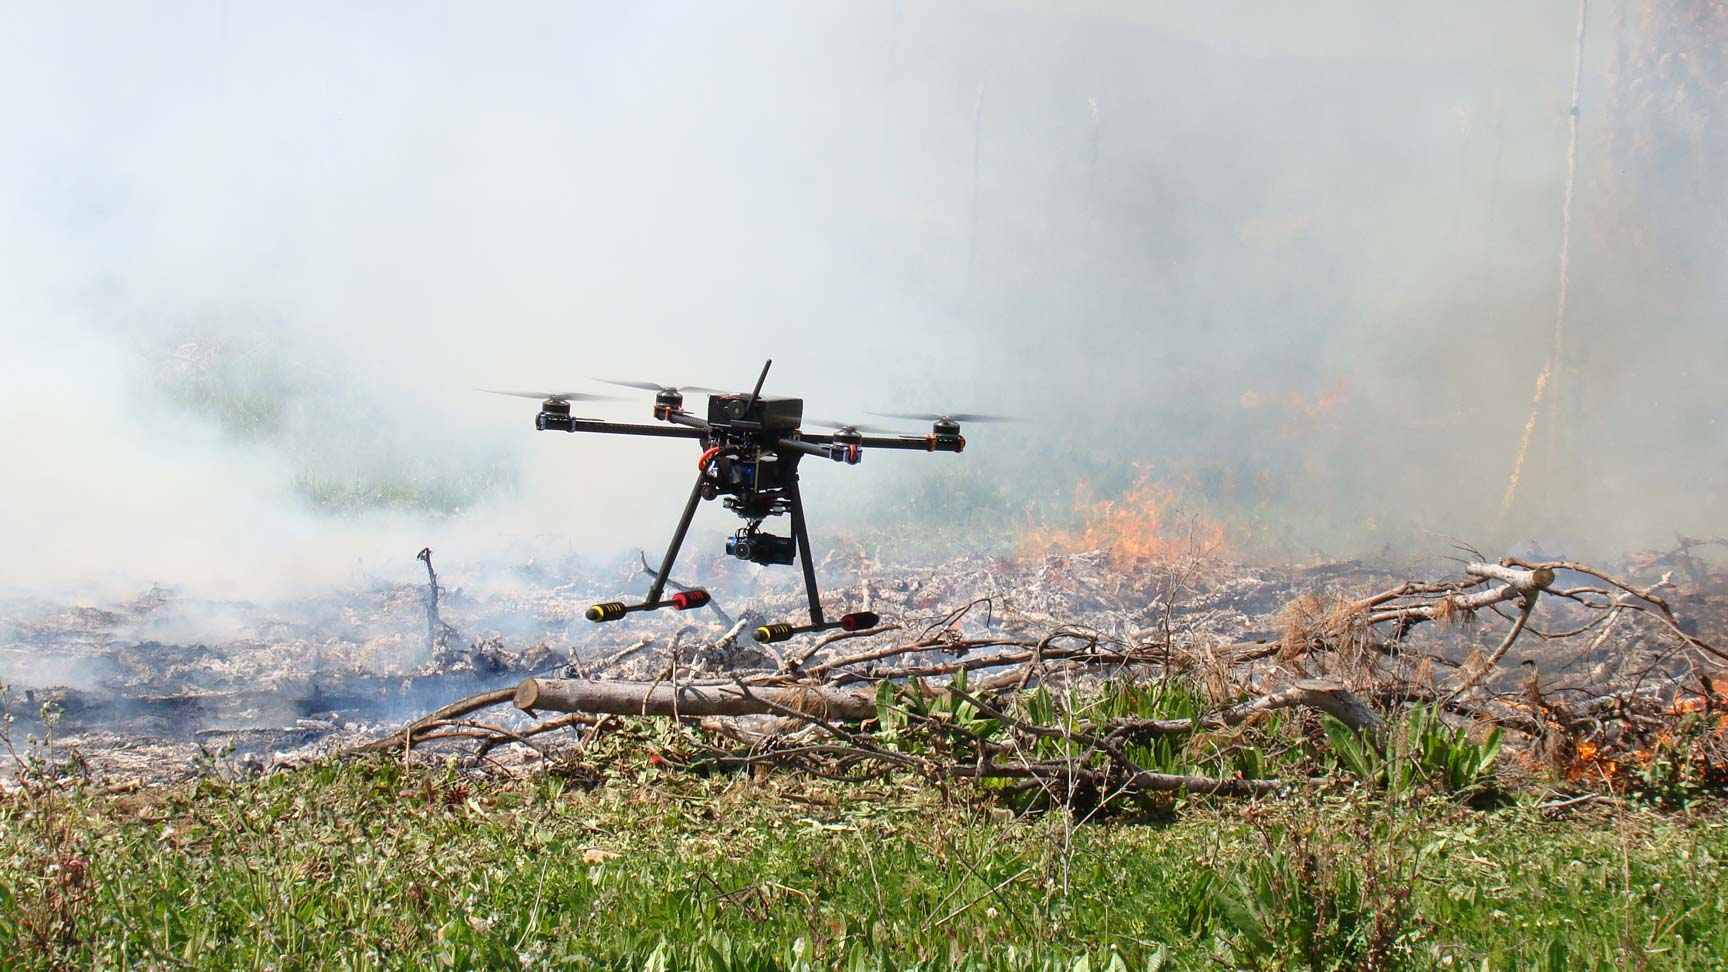 Foto3: Medición y monitoreo del fuego mediante sensores de infrarrojo ubicados en un dron.